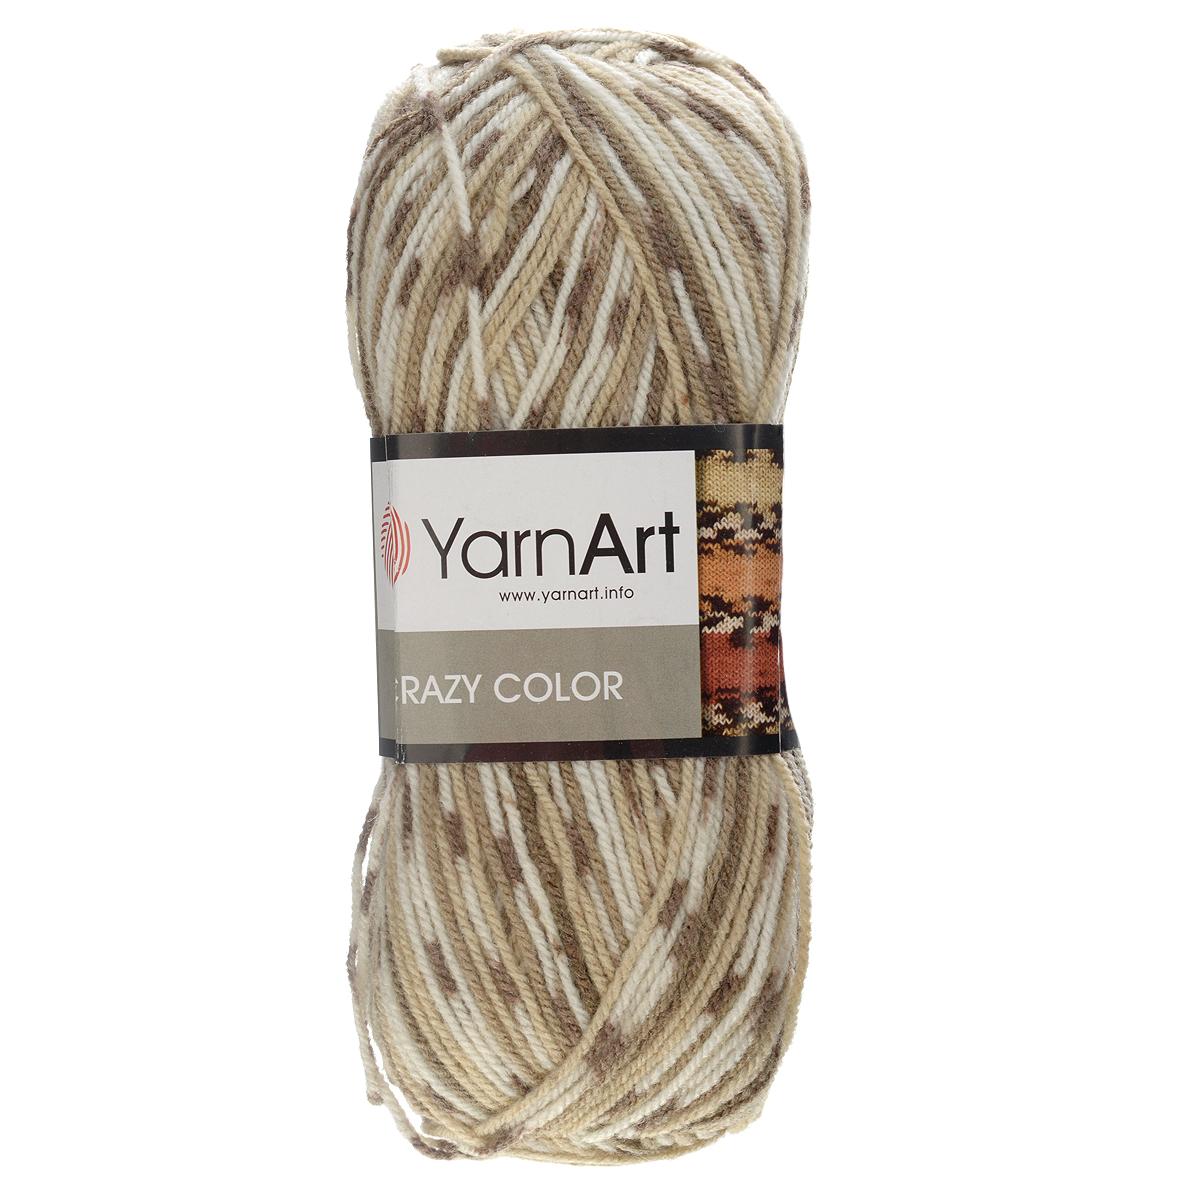 Пряжа для вязания YarnArt Crazy Color, цвет: белый, коричневый, 260 м, 100 г, 5 шт пряжа для вязания yarnart baby color цвет белый черный 273 150 м 50 г 5 шт